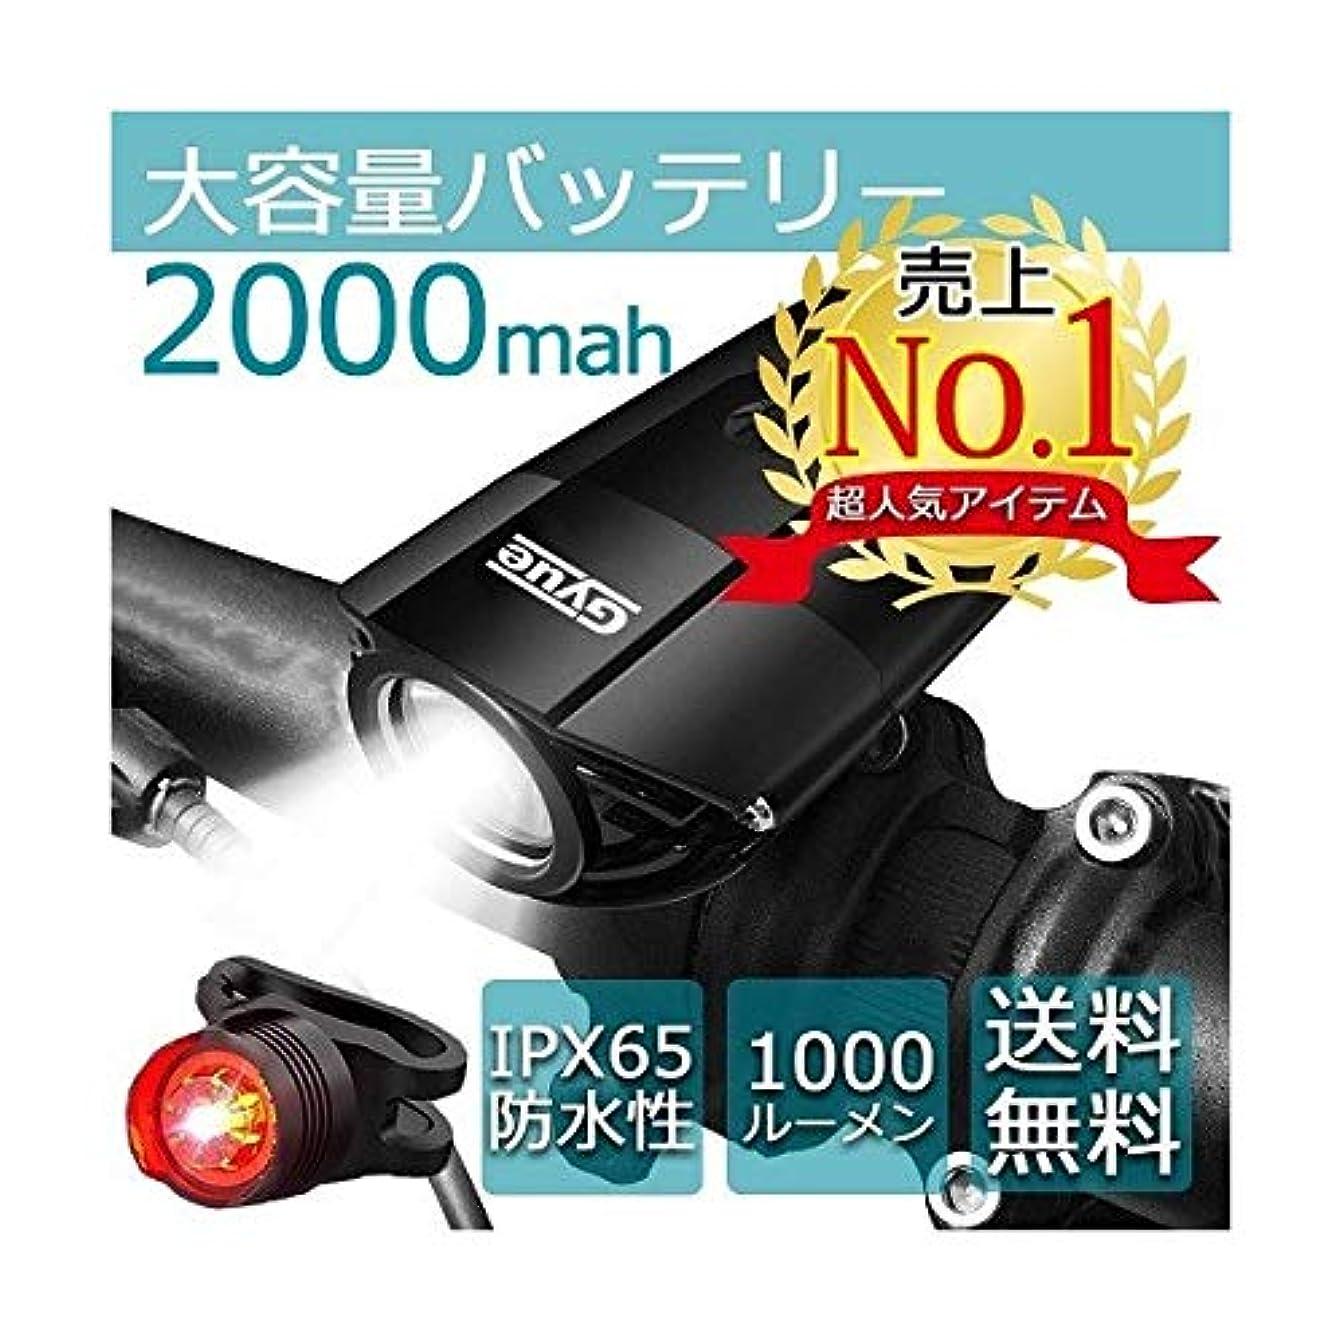 安価なクレタ野菜自転車 ライト 自転車ライト 防水 ホルダー usb LED 電池 1000ルーメン 取付簡単 大容量 2000mah テールライト付属